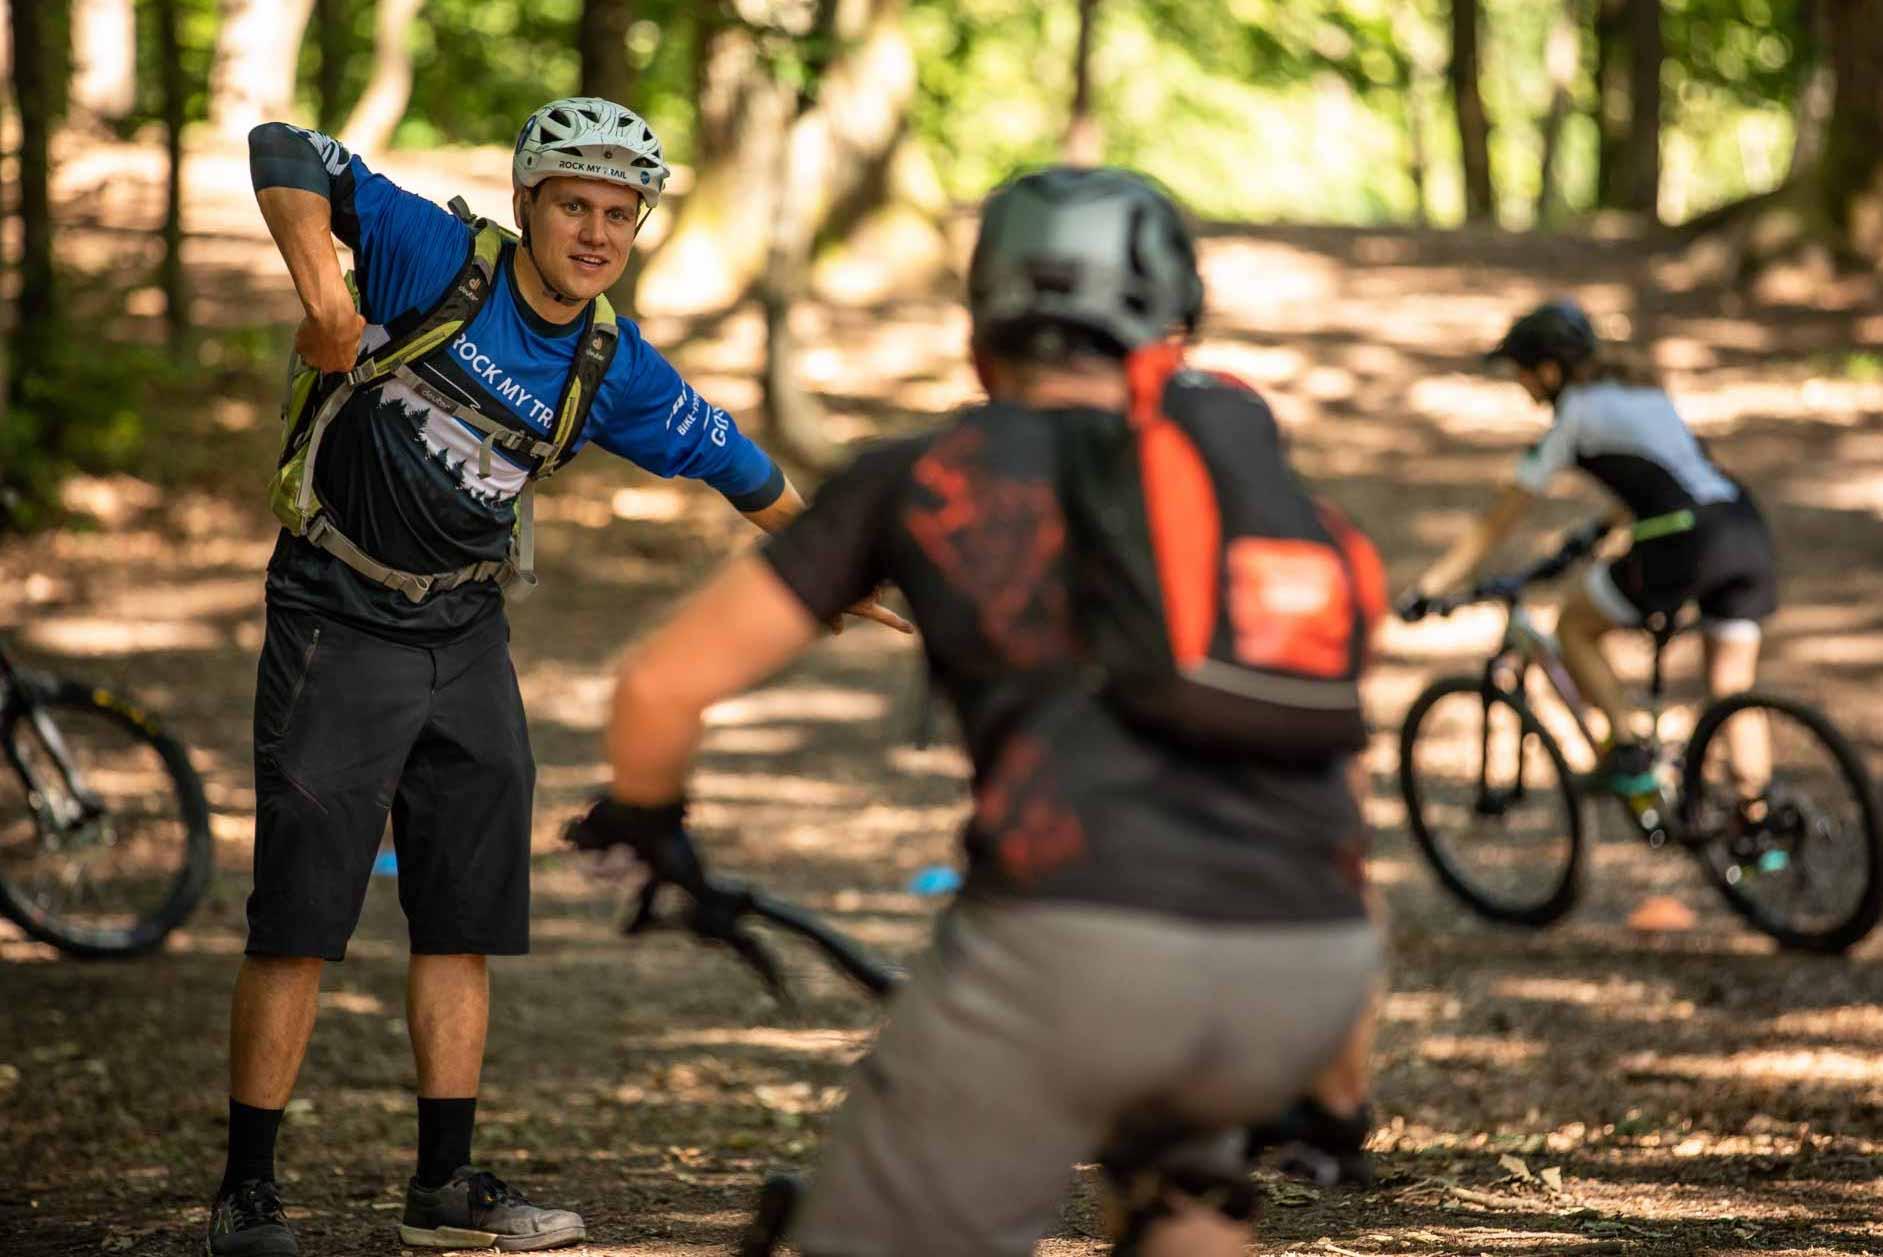 MTB Fahrtechnik Kurs für Einsteiger in Weiskirchen |Hochwald Hunsrück Saarland- Mountainbike Basic - Rock my Trail Bikeschule